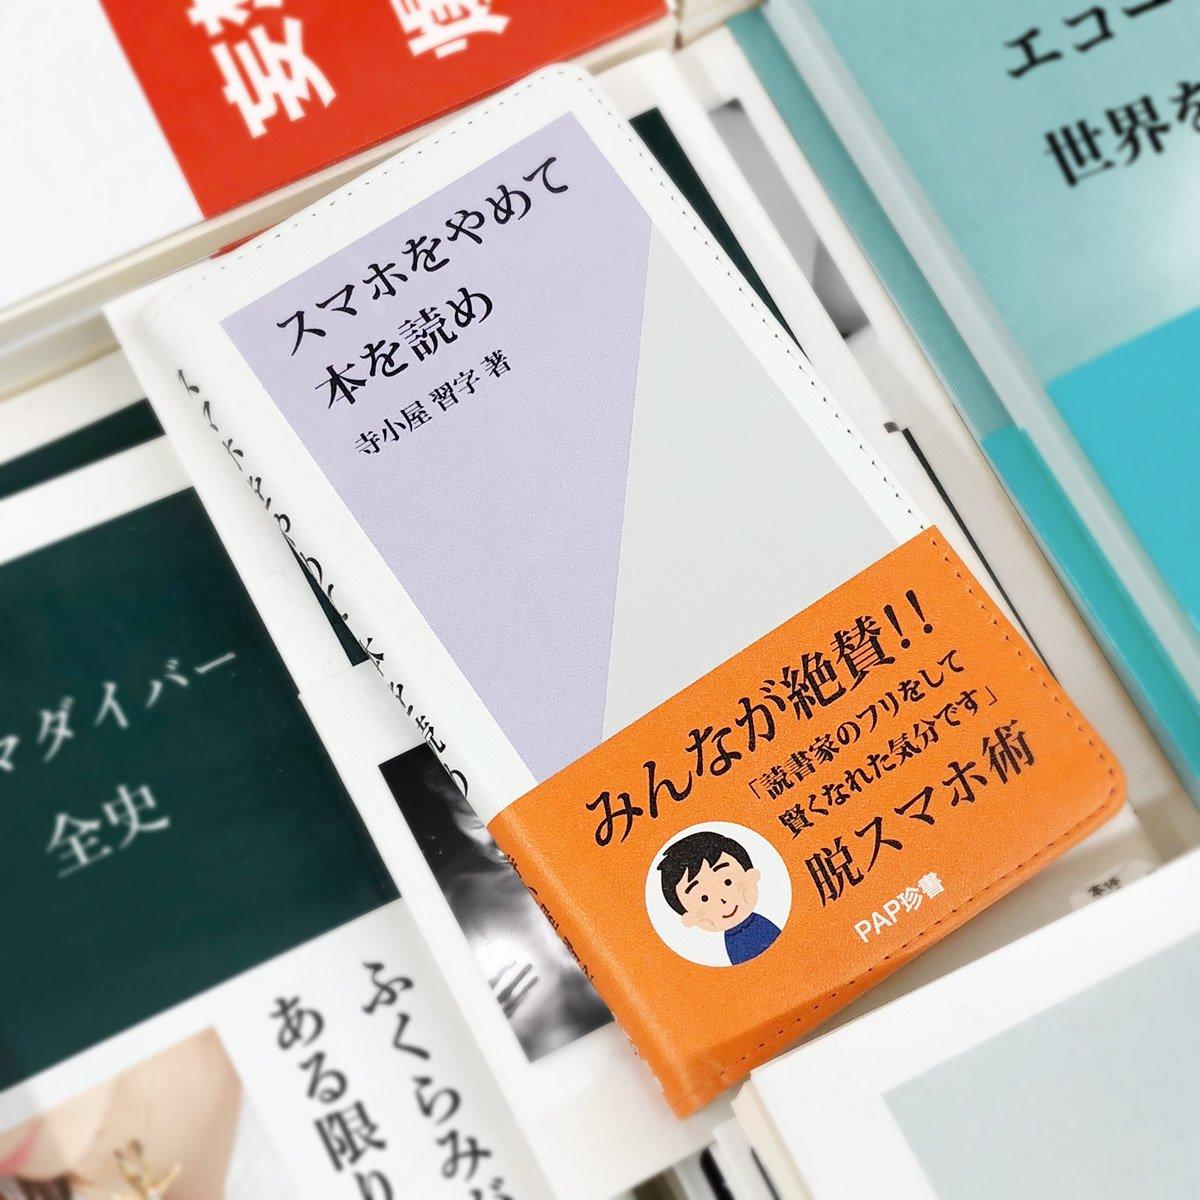 お気に入りの新作ができたので見て欲しいです! 読書家を装って意識高そうなフリをしながらスマホをいじれるケースです。  ekodworkstore.com/items/5acea7a5…